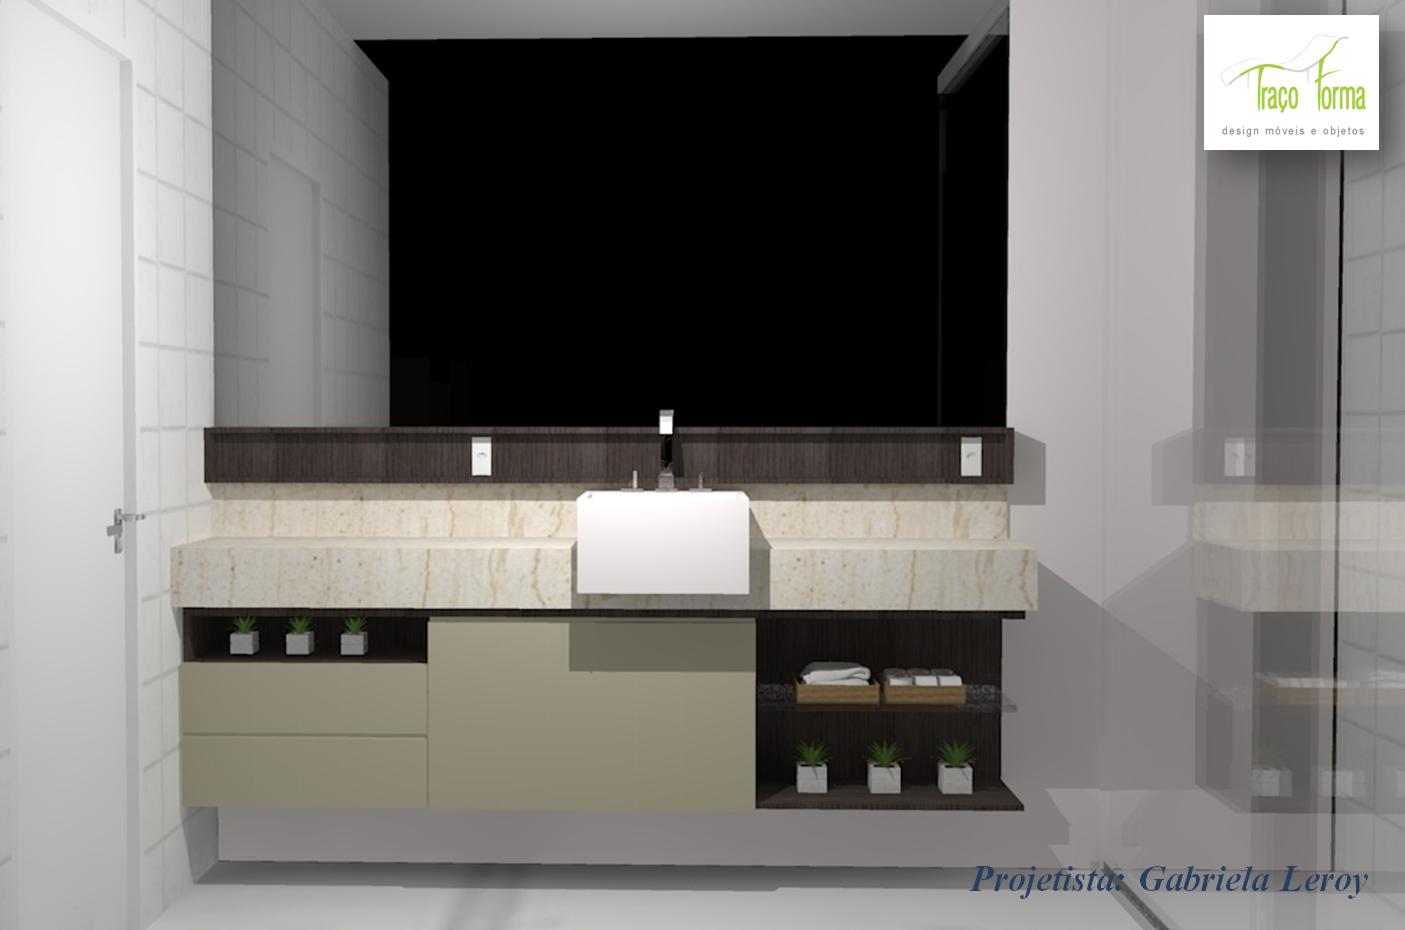 Gabriela Leroy Designer de Interiores: Projetos (Armario Banheiro). #3C4E65 1405 930